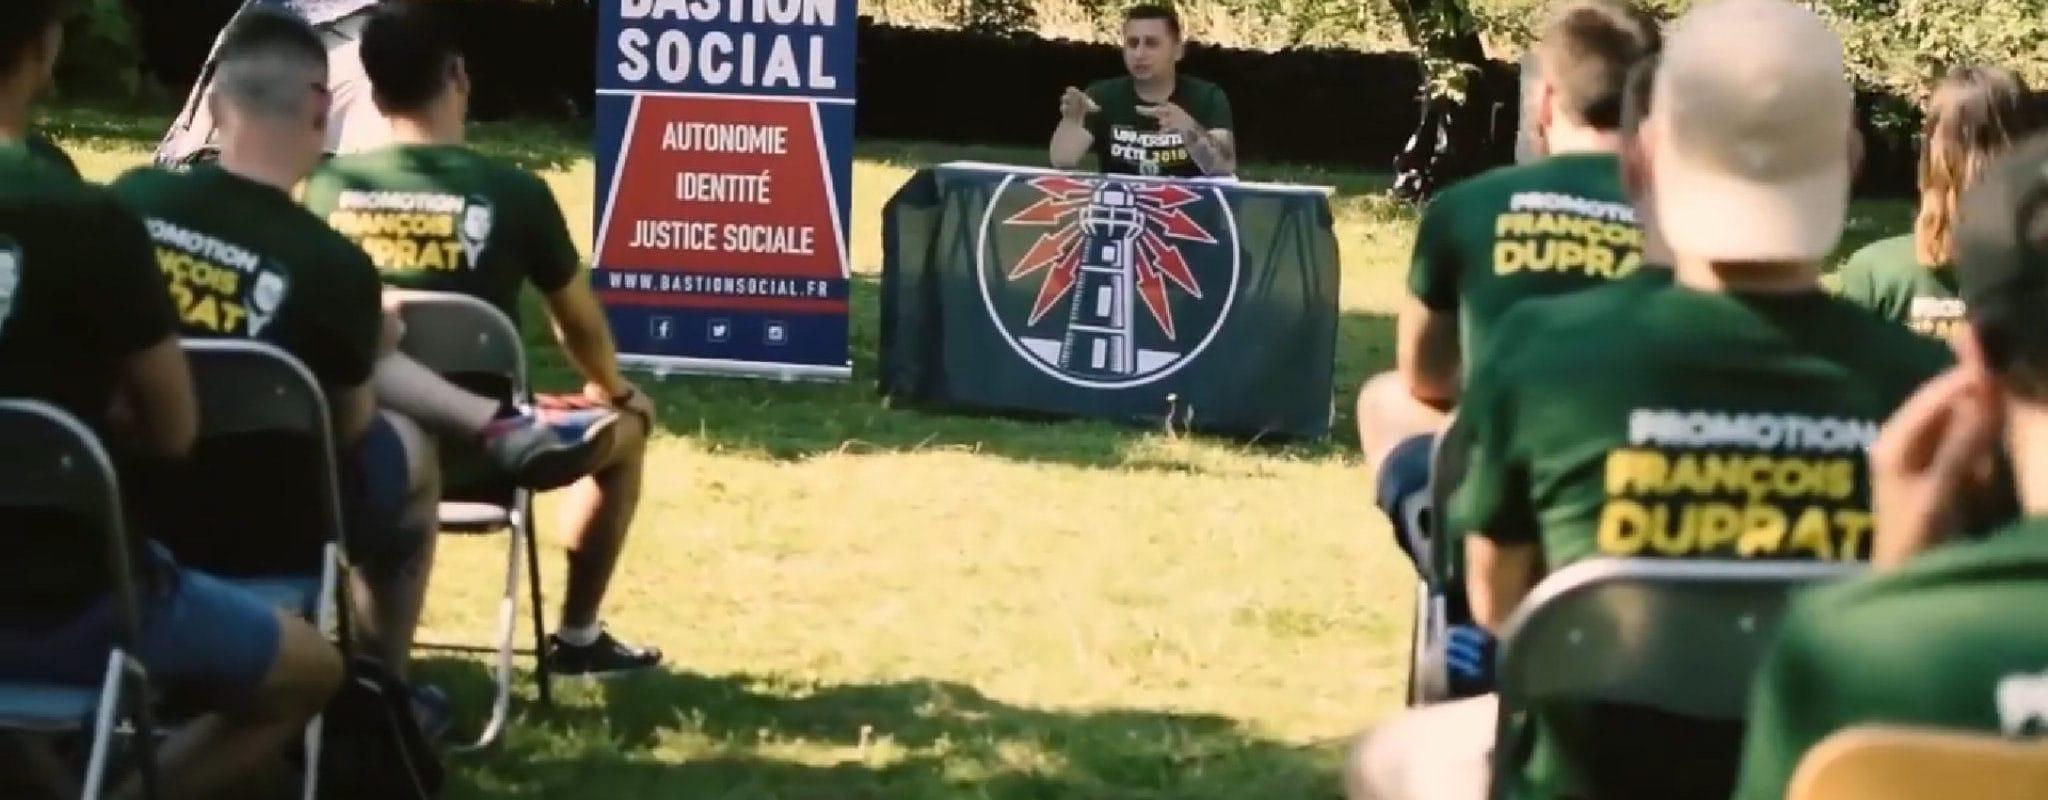 À Strasbourg, le Bastion social veut attirer les régionalistes